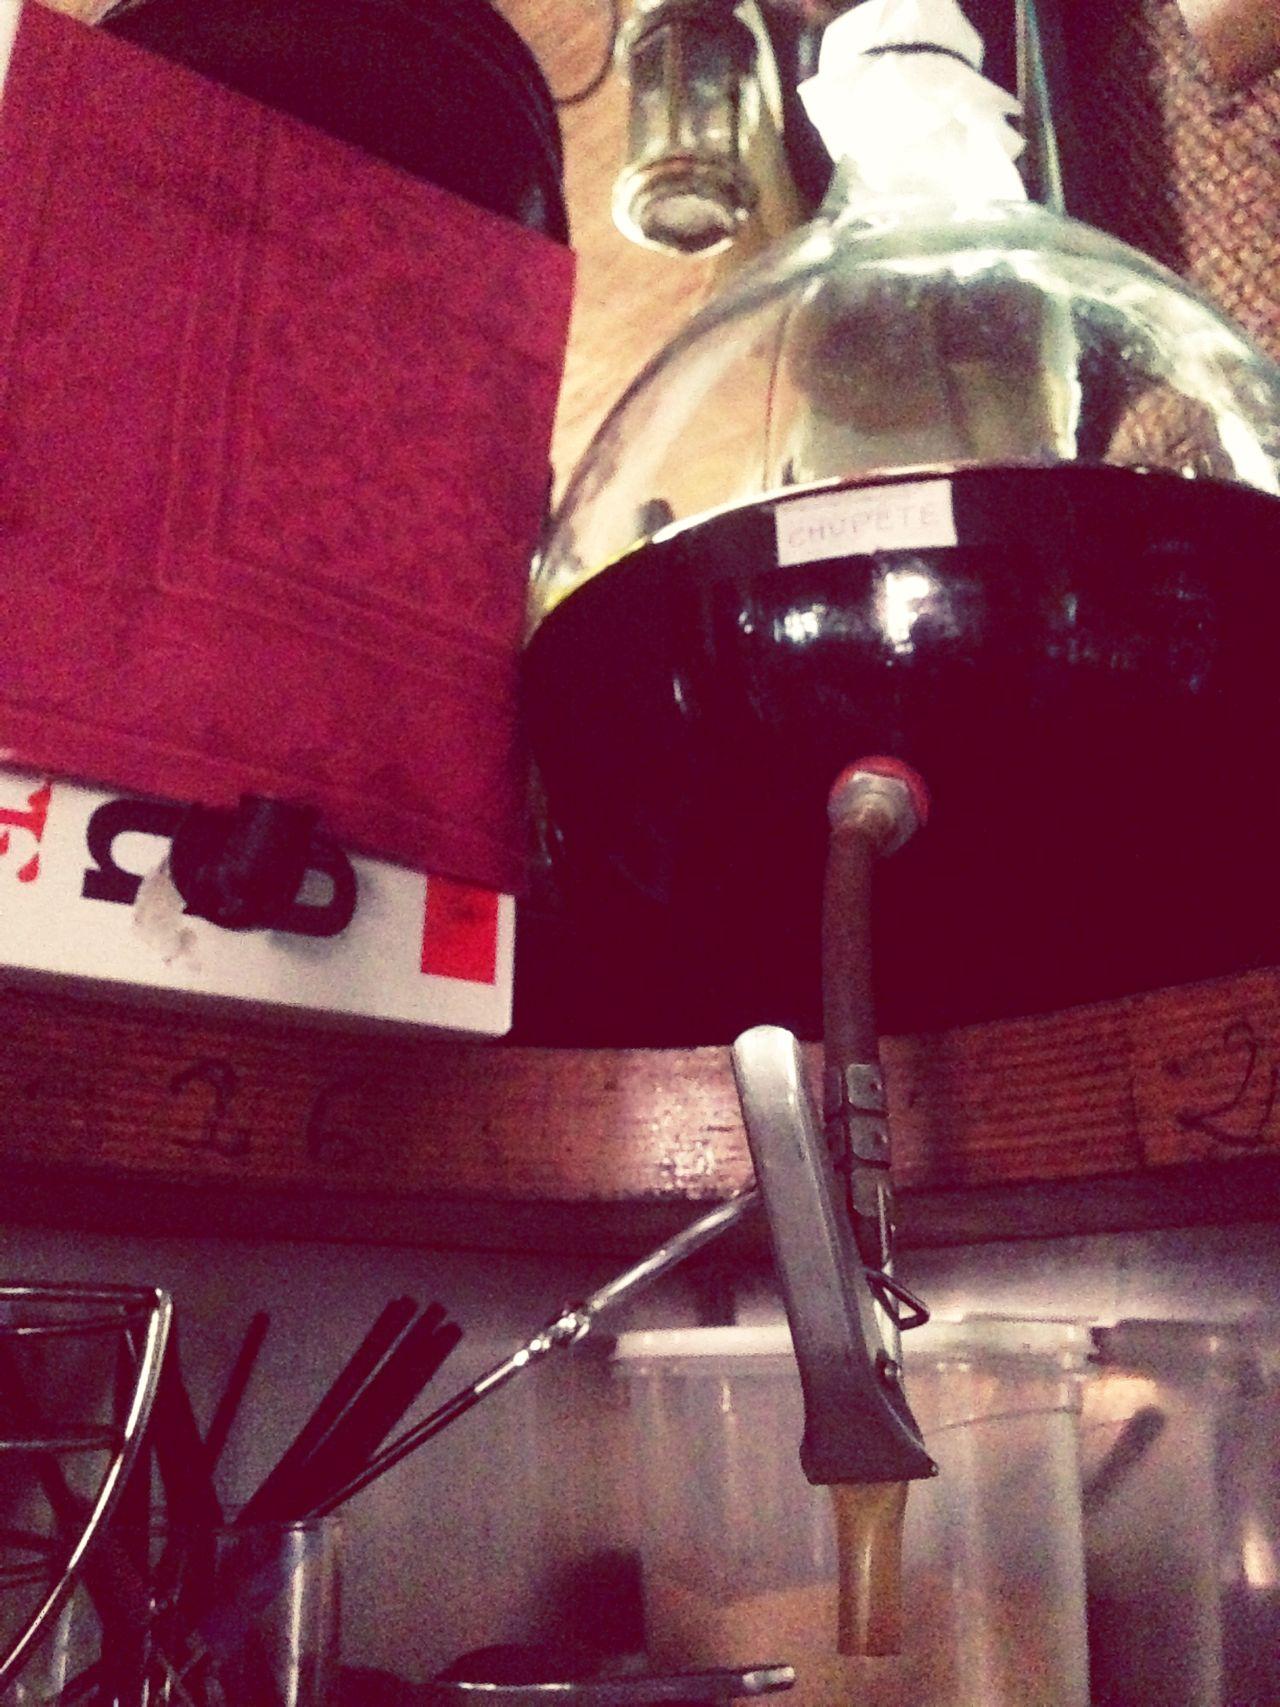 Wine Tasting Winebotttle Wine